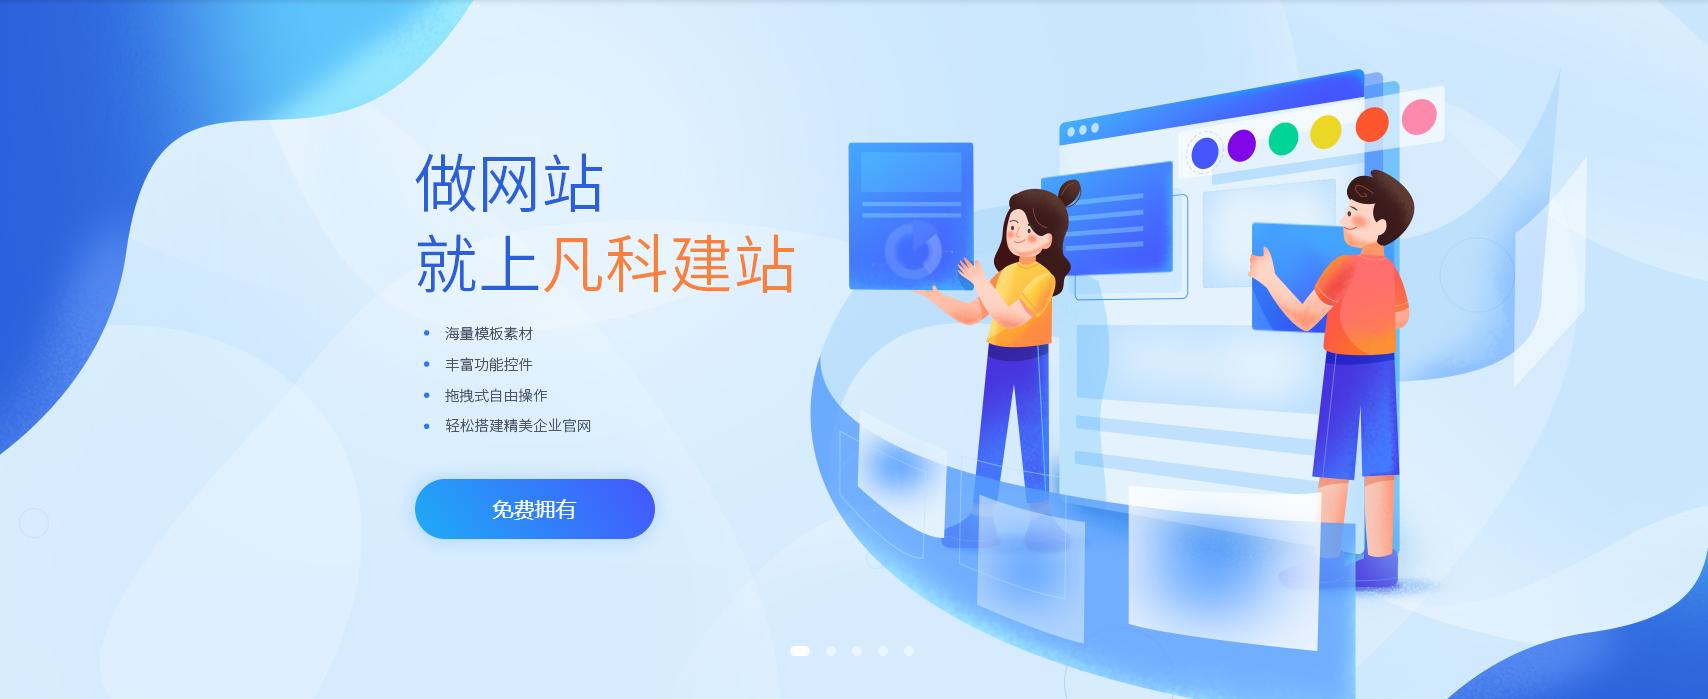 如何创建门户网站